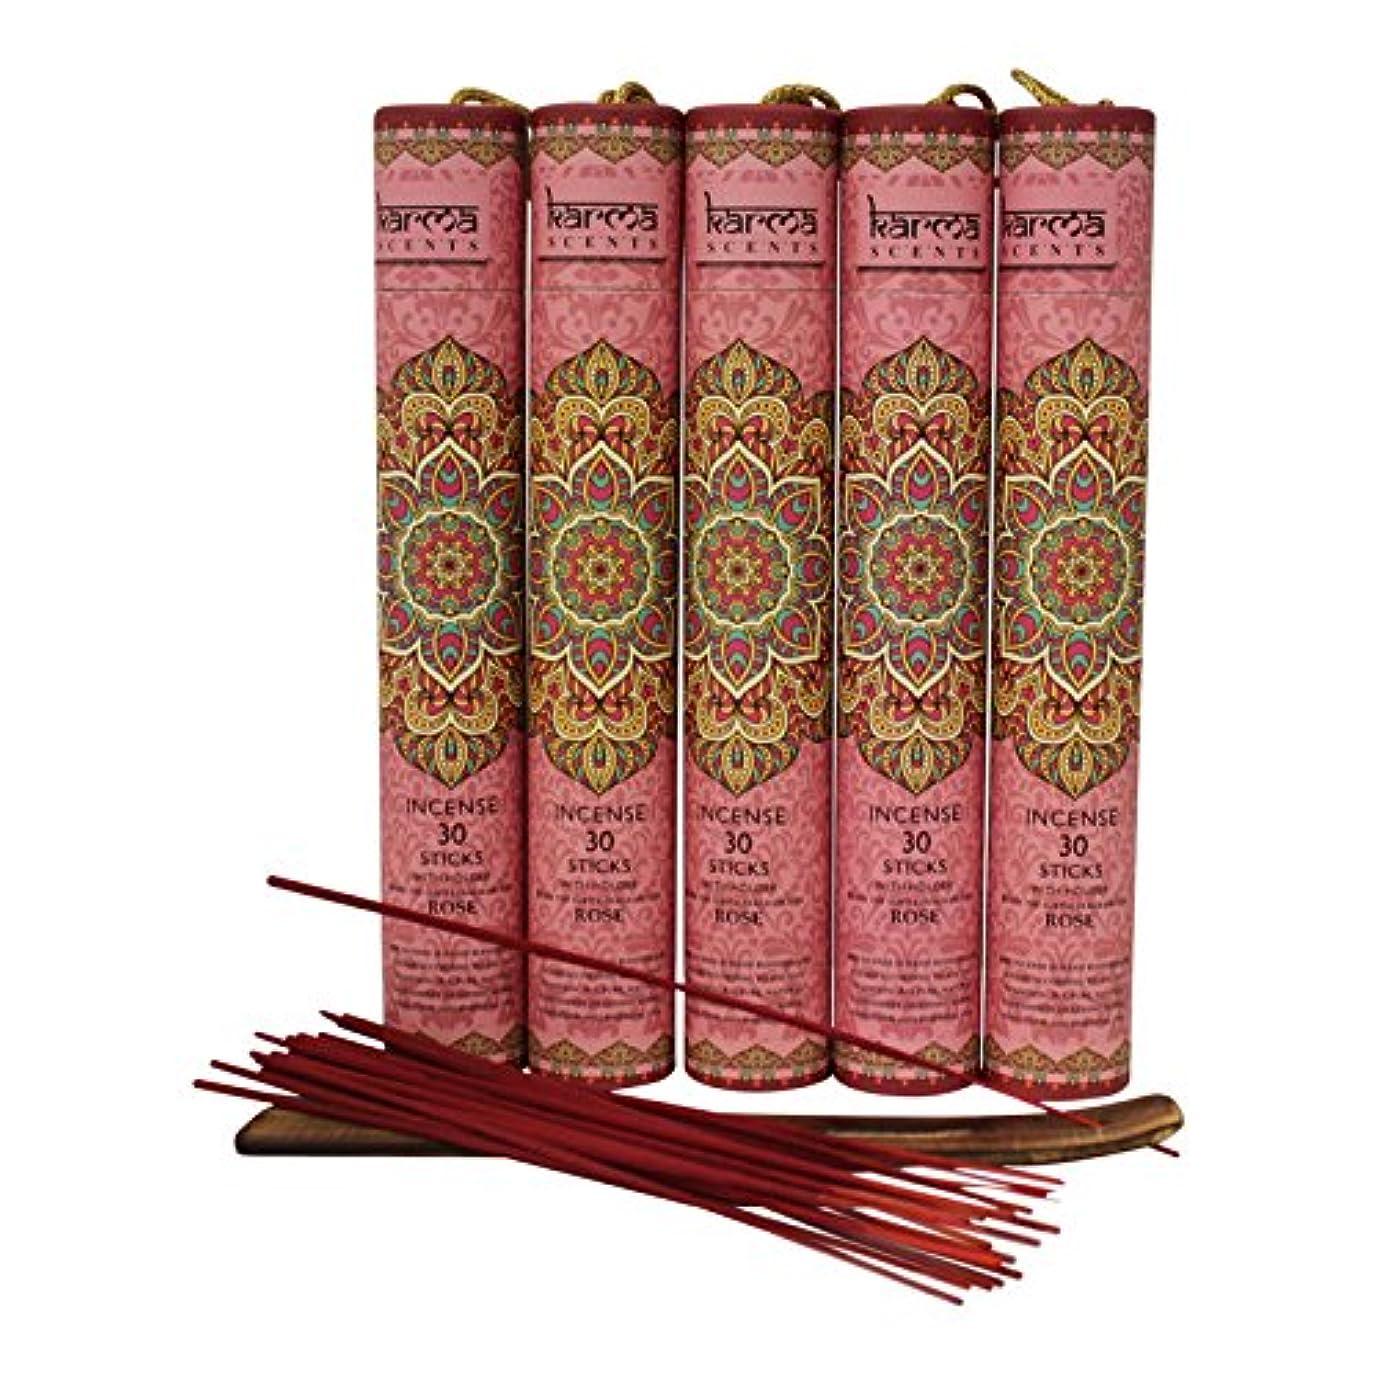 先史時代の有効化びんお香5パックセット ギフトパック 各パックにお香立て付き 計150本 お香立て5付き レッド